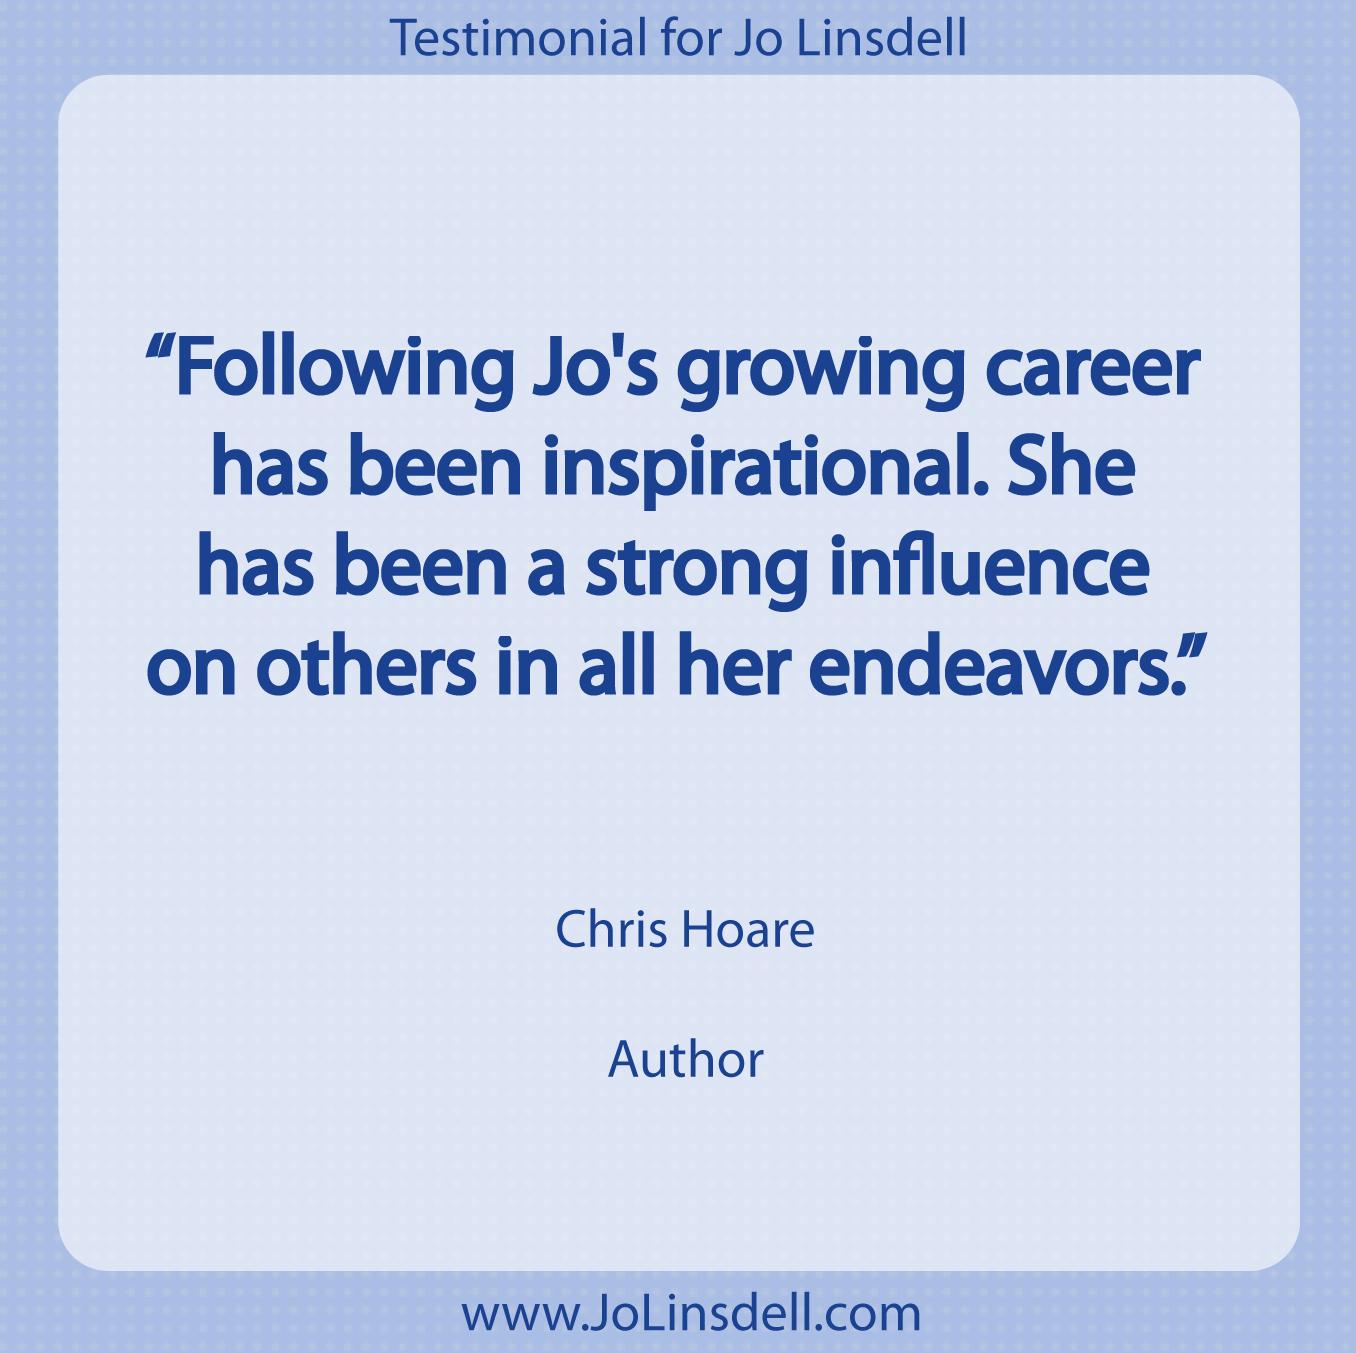 Testimonial for Jo Linsdell by Chris Hoare